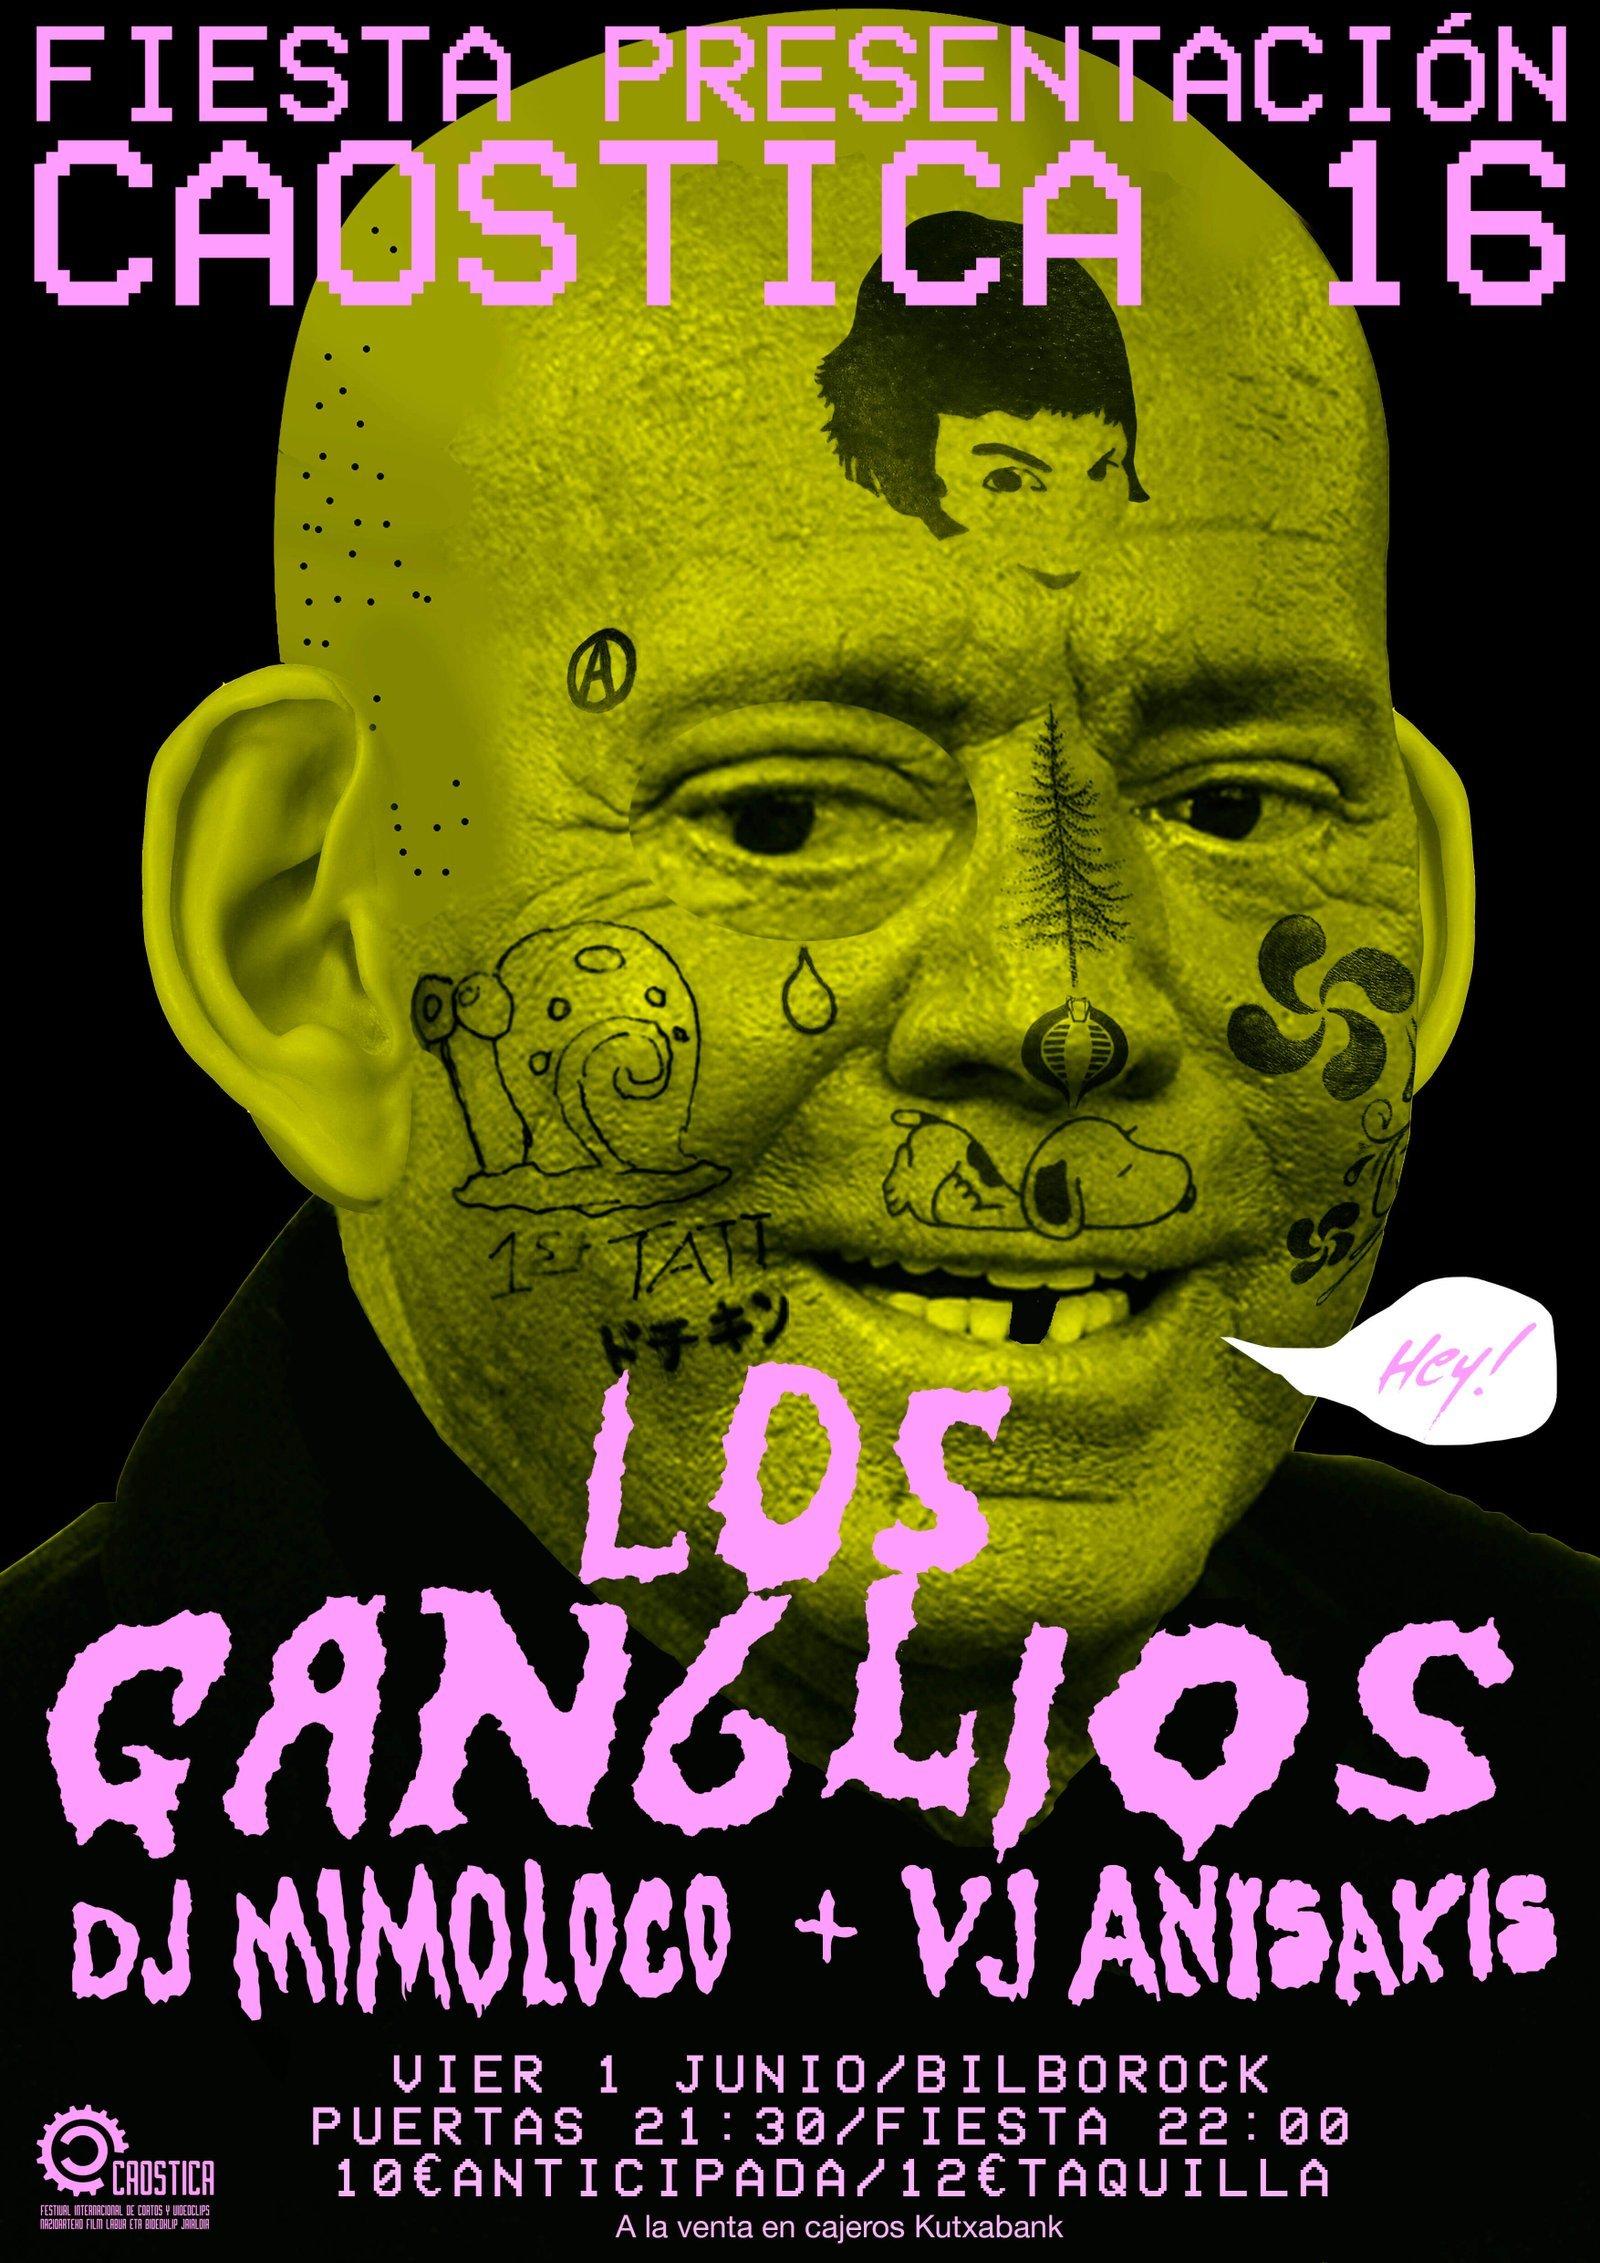 """Cartel realizado por """"Los Ganglios"""" para la presentación de Caostica 16"""